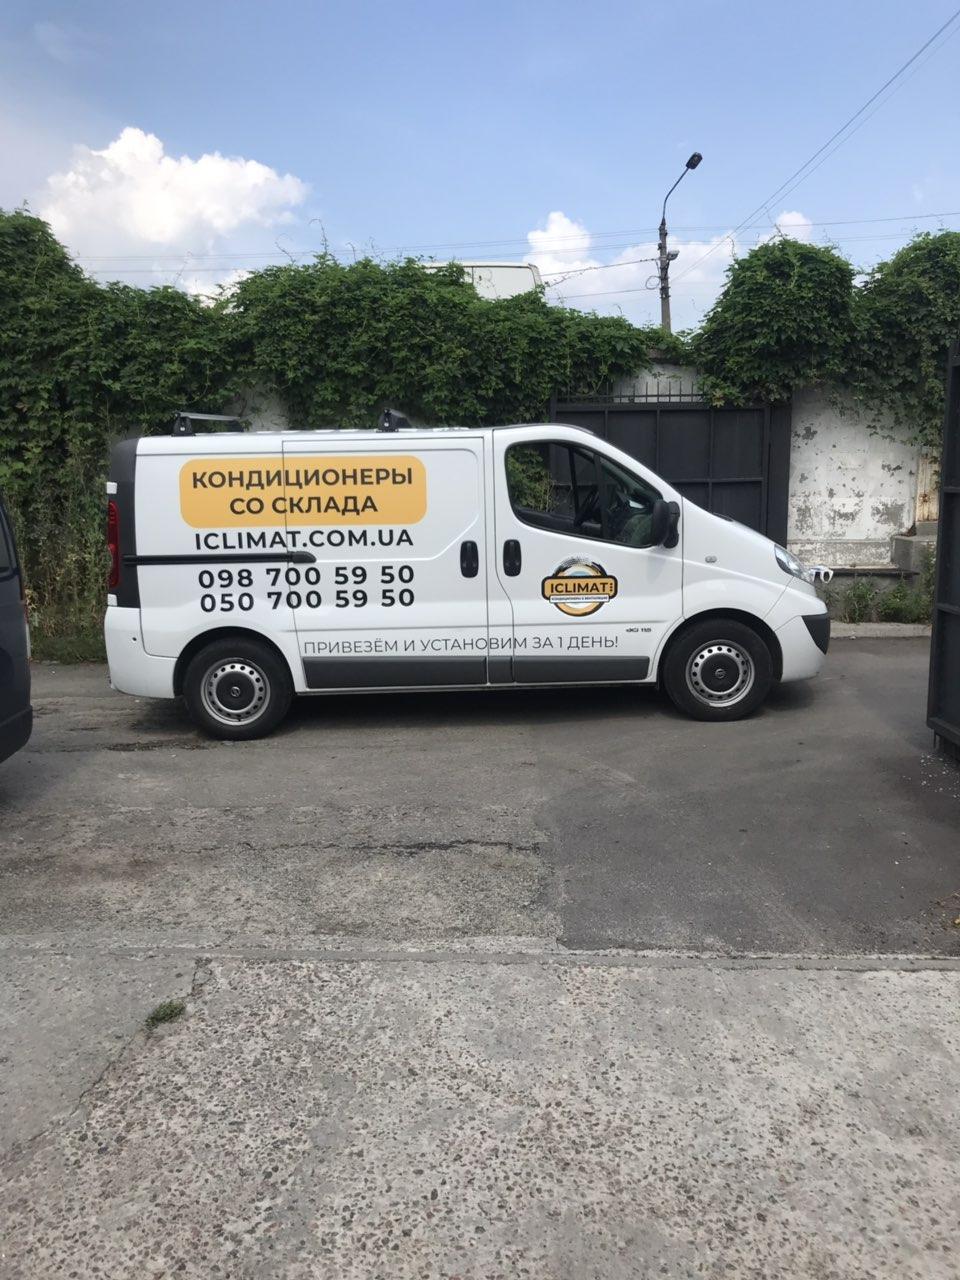 Монтаж и сервис кондиционеров